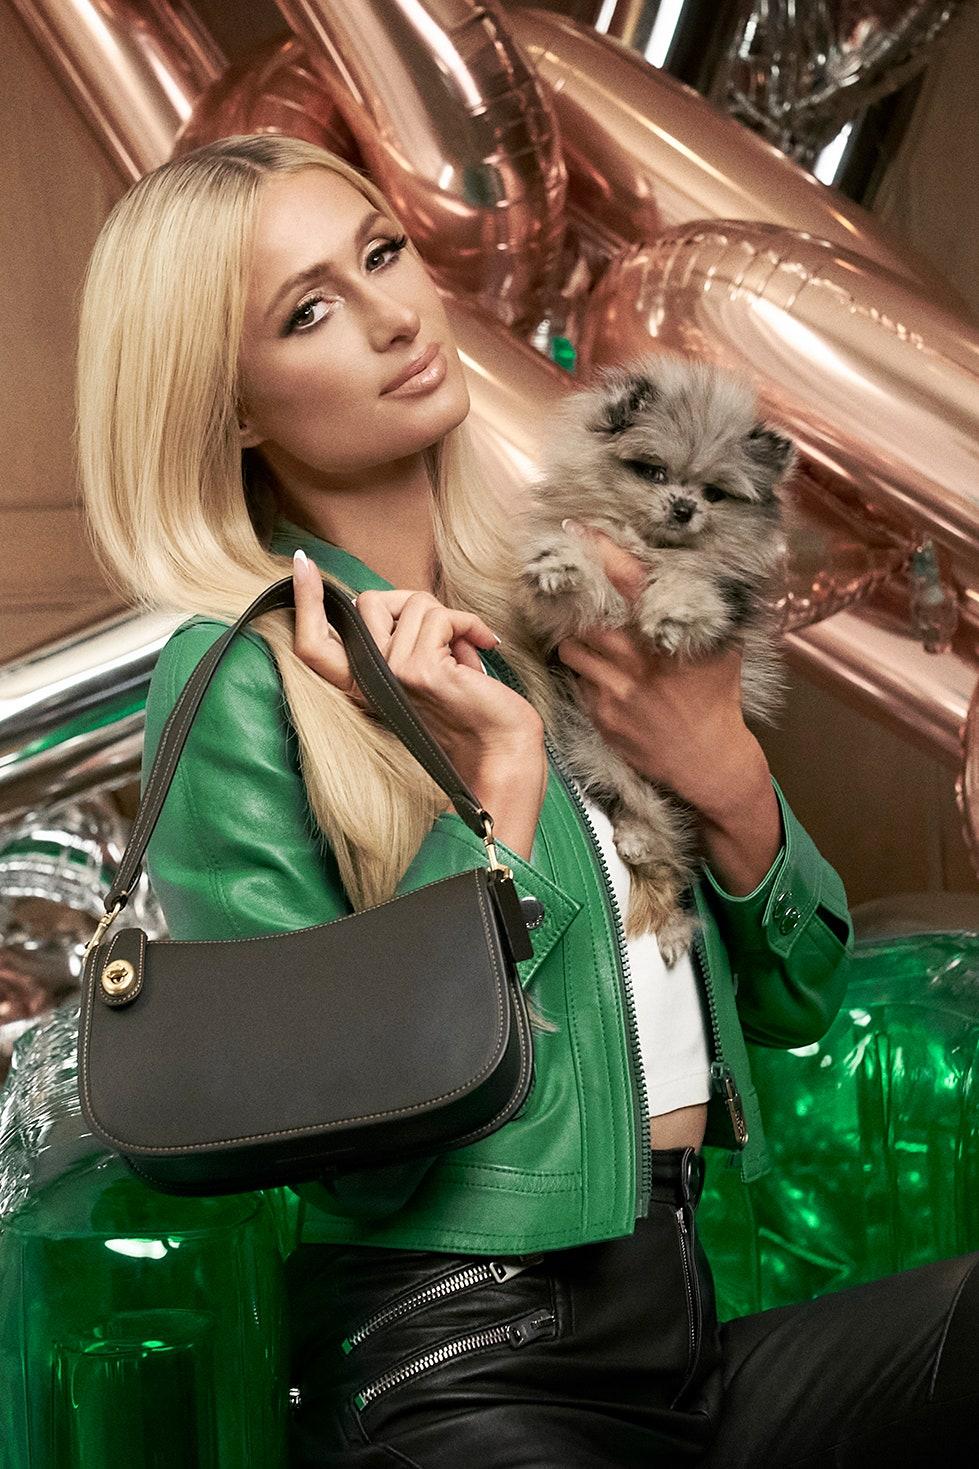 Nhan sắc Paris Hilton ở tuổi 39 trong chiến dịch quảng bá của Coach vào tháng 12/2020. Ảnh: Coach.